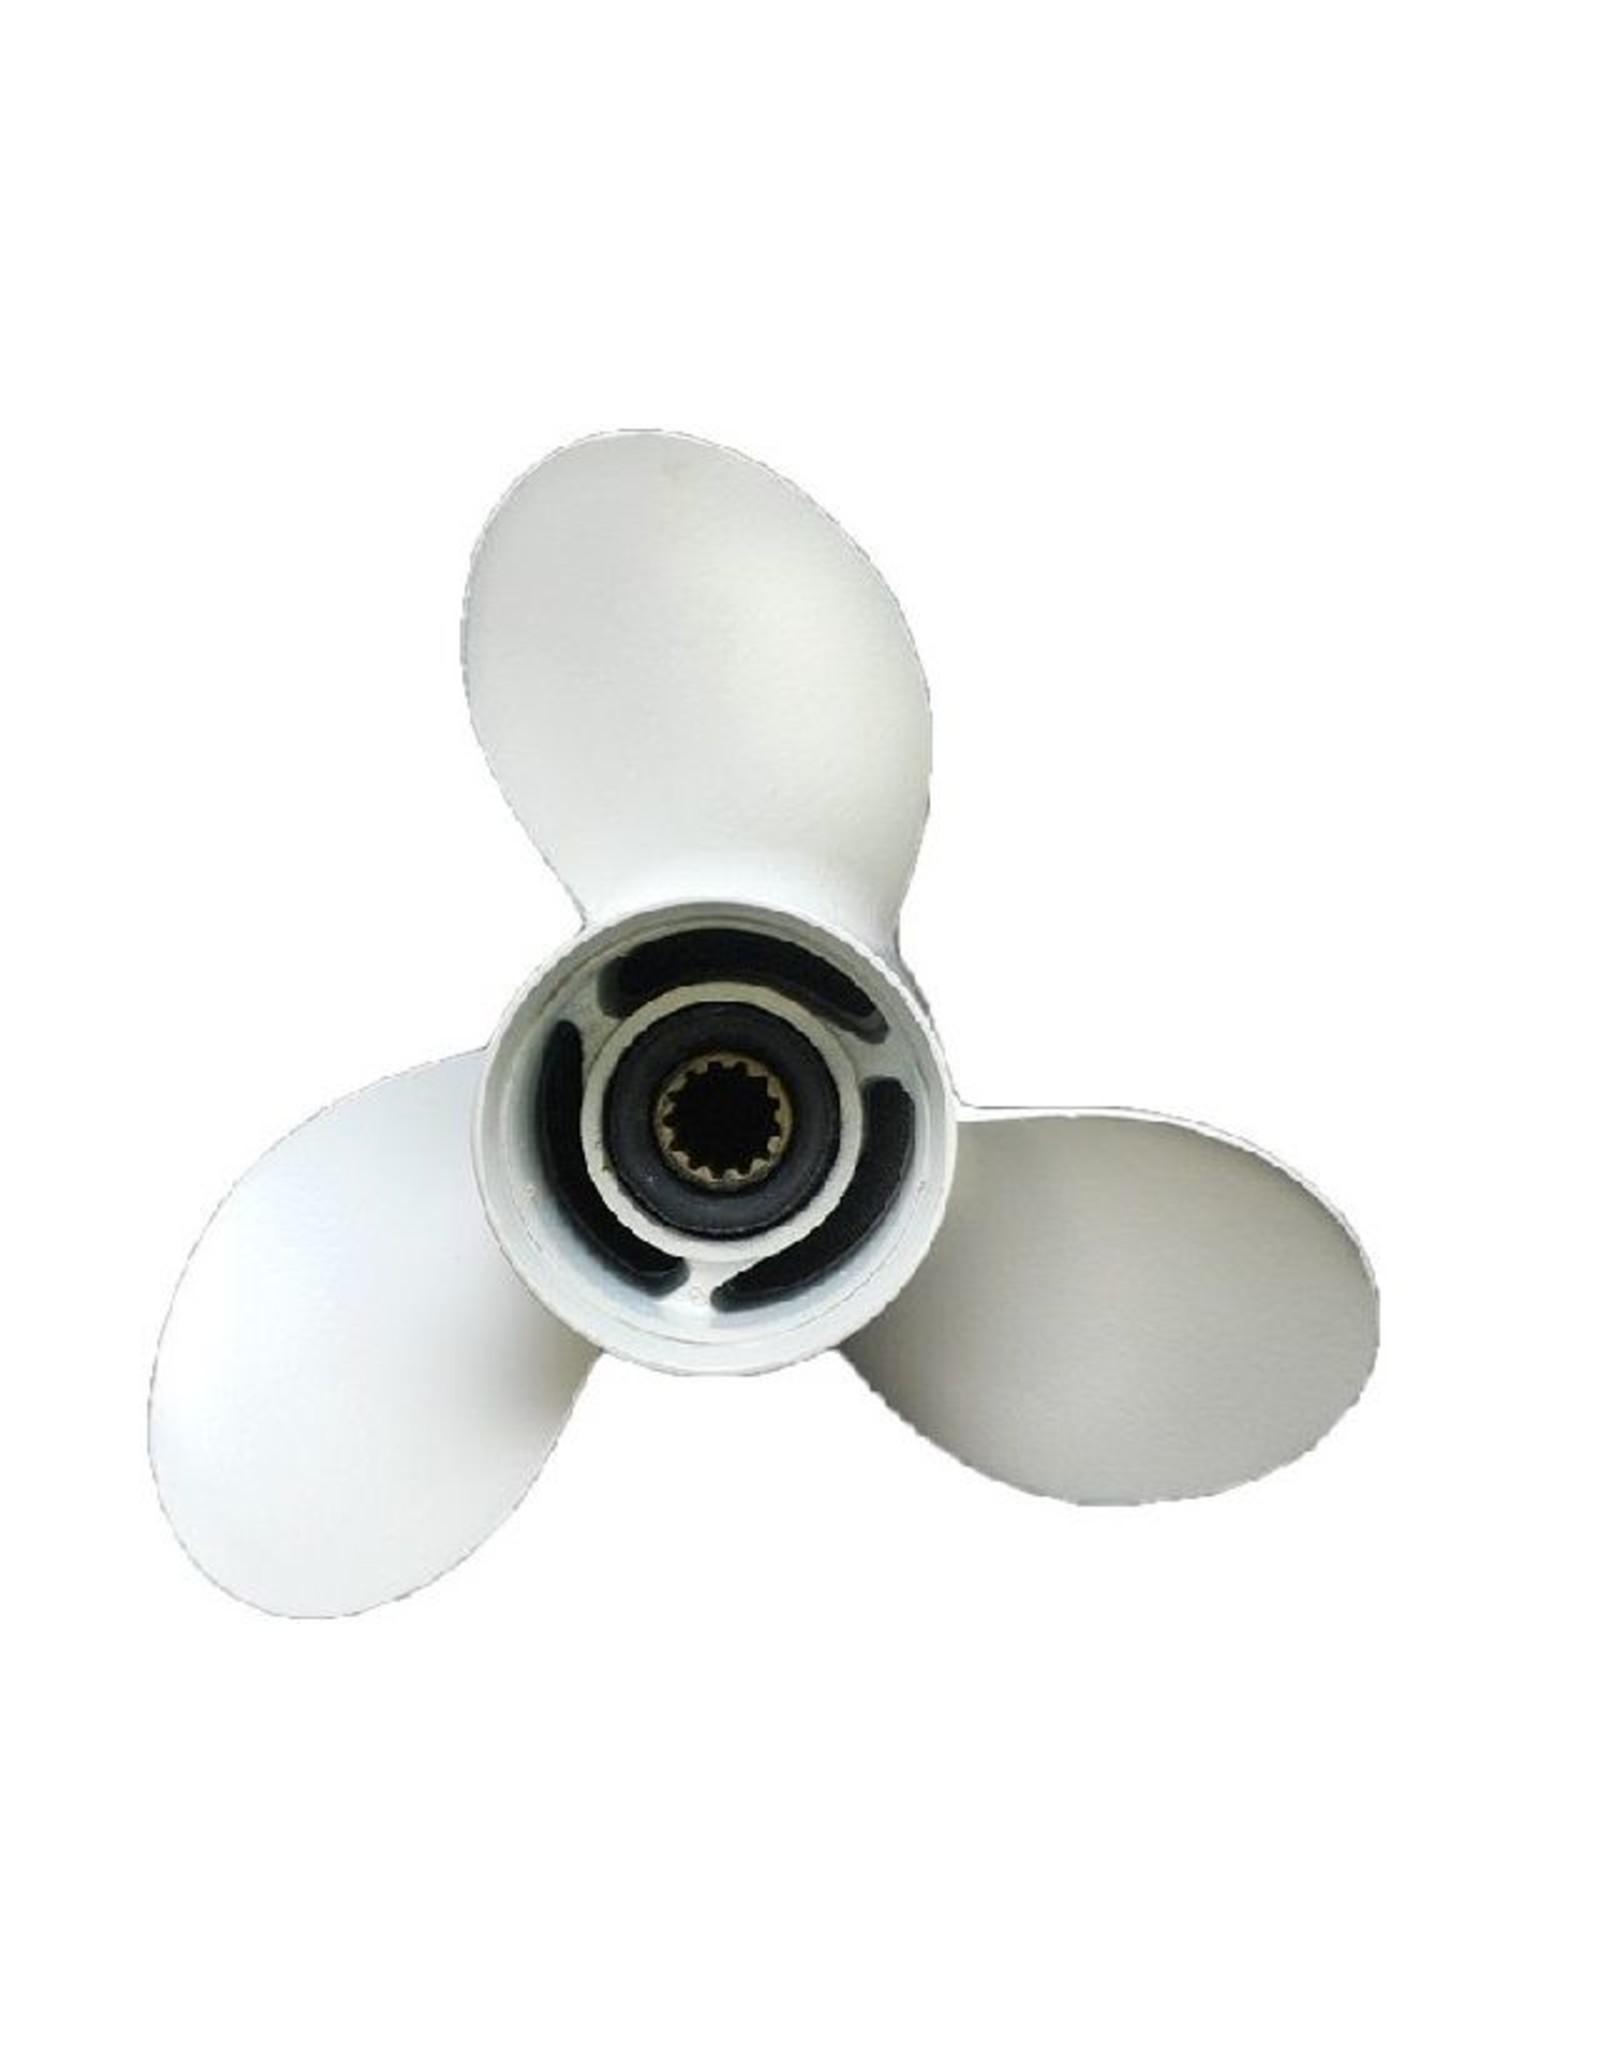 Yamaha Aluminium propeller Yamaha 70 / 80 / 85 / 90 /100 / 115 / 130 / 140 pk Hub K